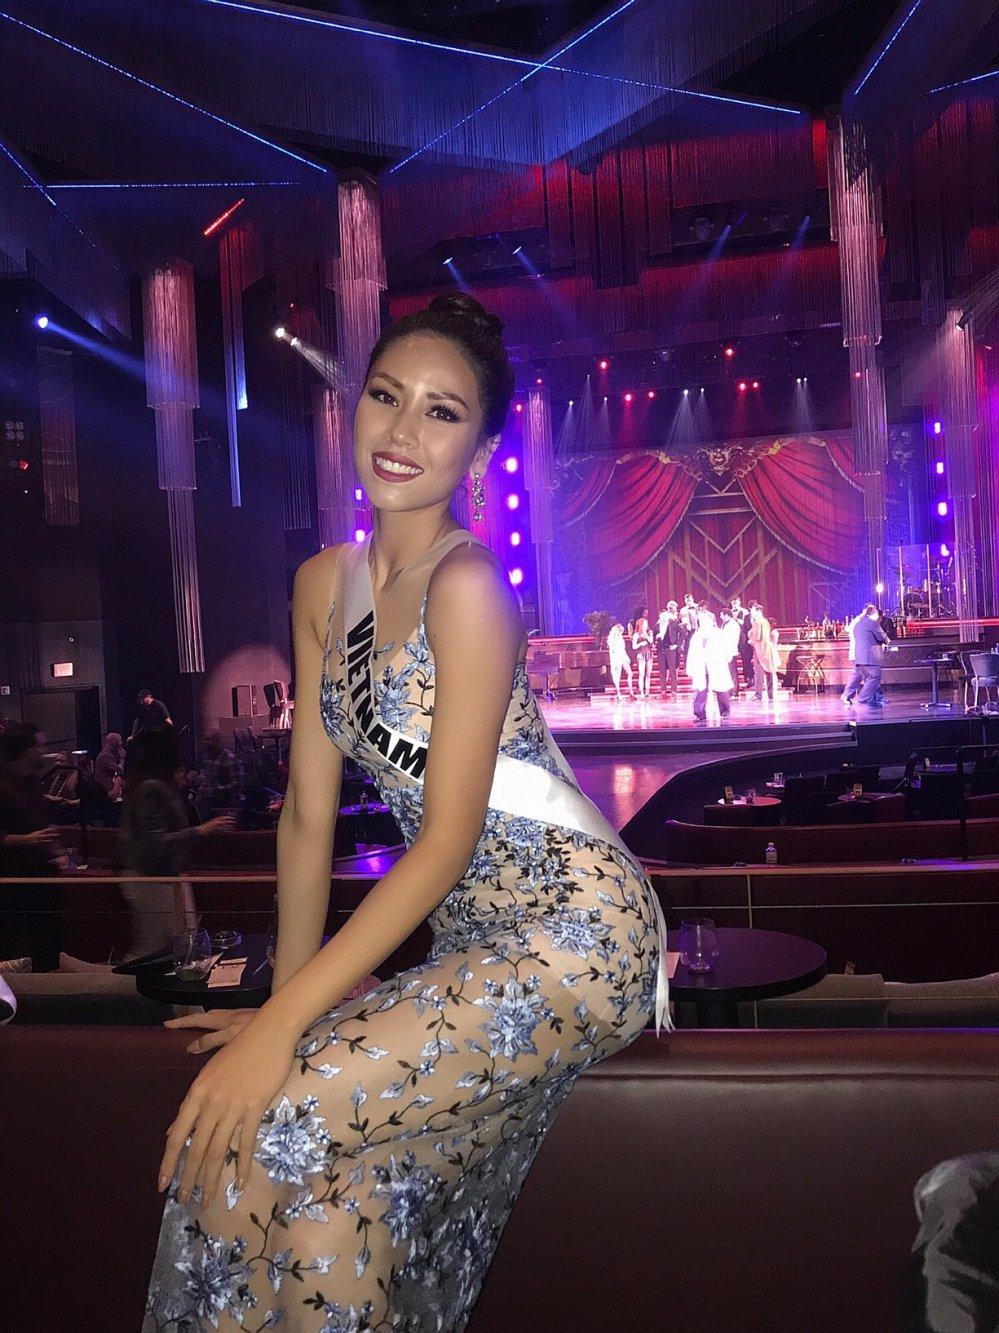 Nguyen Thi Loan trinh dien trang phuc dan toc noi bat tai Hoa hau Hoan vu 2017 hinh anh 7